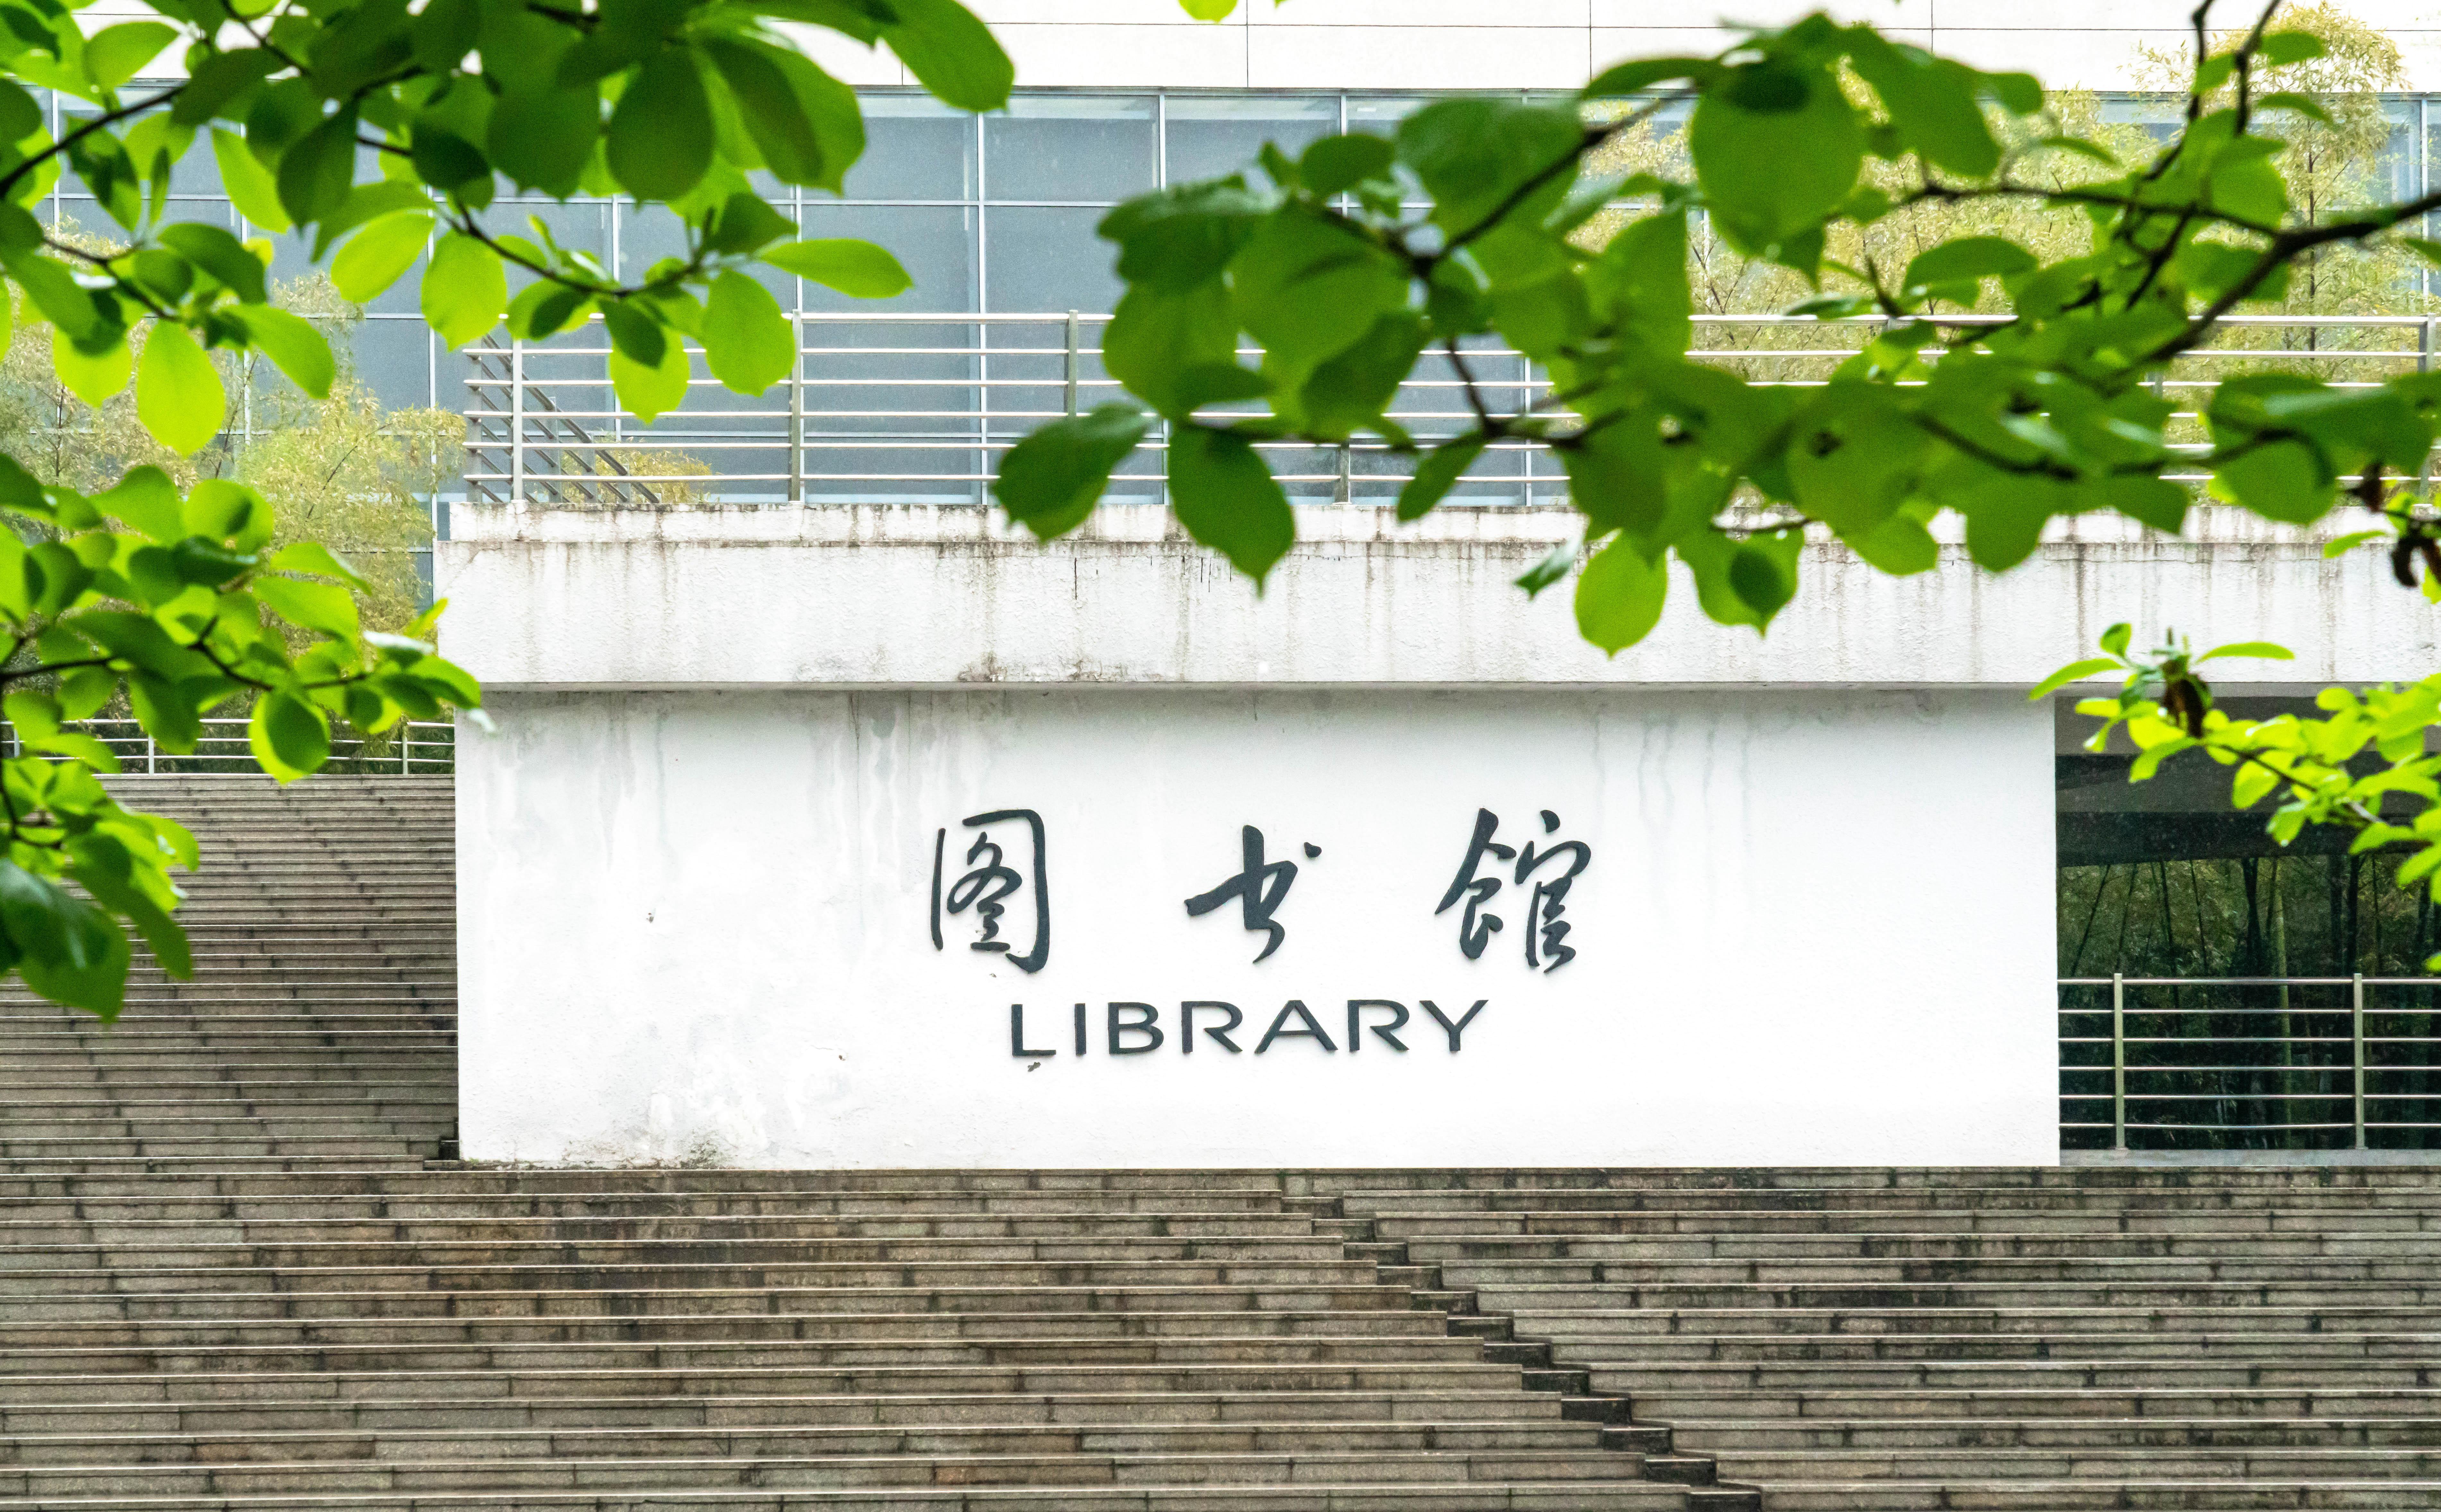 ▲图书馆外的玉兰树披上了新绿(周东琴 摄)